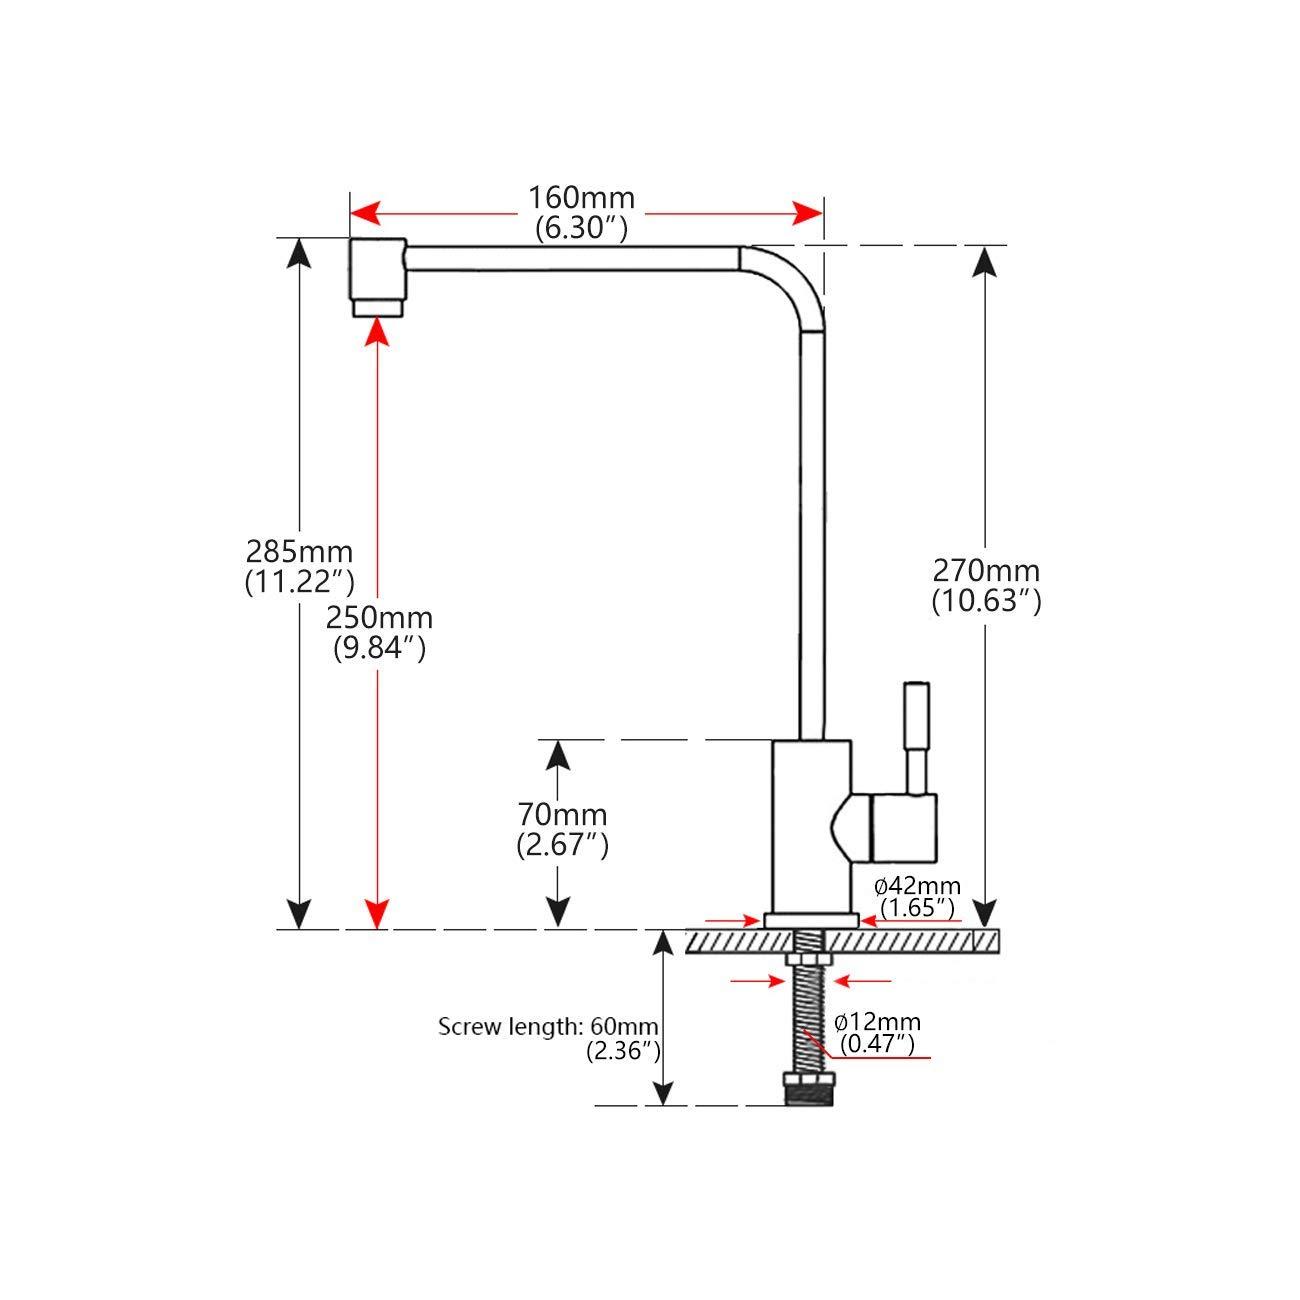 Grifo purificador de fregadero de lavabo de cocina t/áctil de acero inoxidable para toda la filtraci/ón de agua potable y sistema de /ósmosis inversa 39 x 20,4 x 5,2 cm